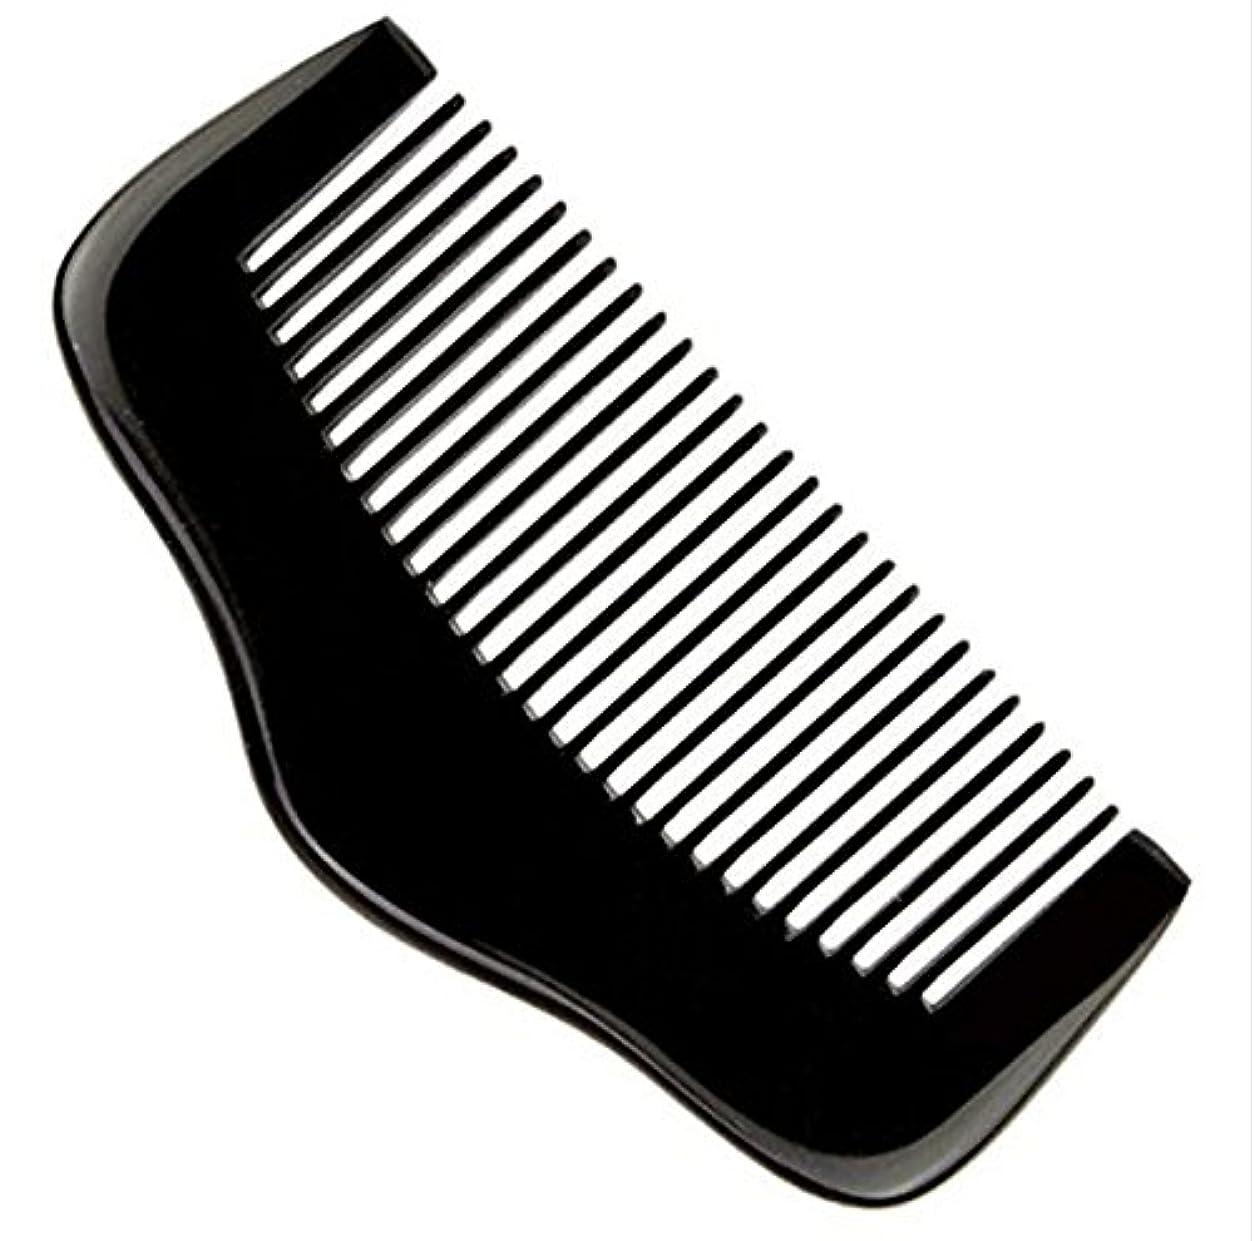 サポート疲労詐欺師櫛型 プロも使う牛角かっさプレート マサージ用 血行改善 高級 天然 静電気 防止 美髪美顔 ボディ リンパマッサージ